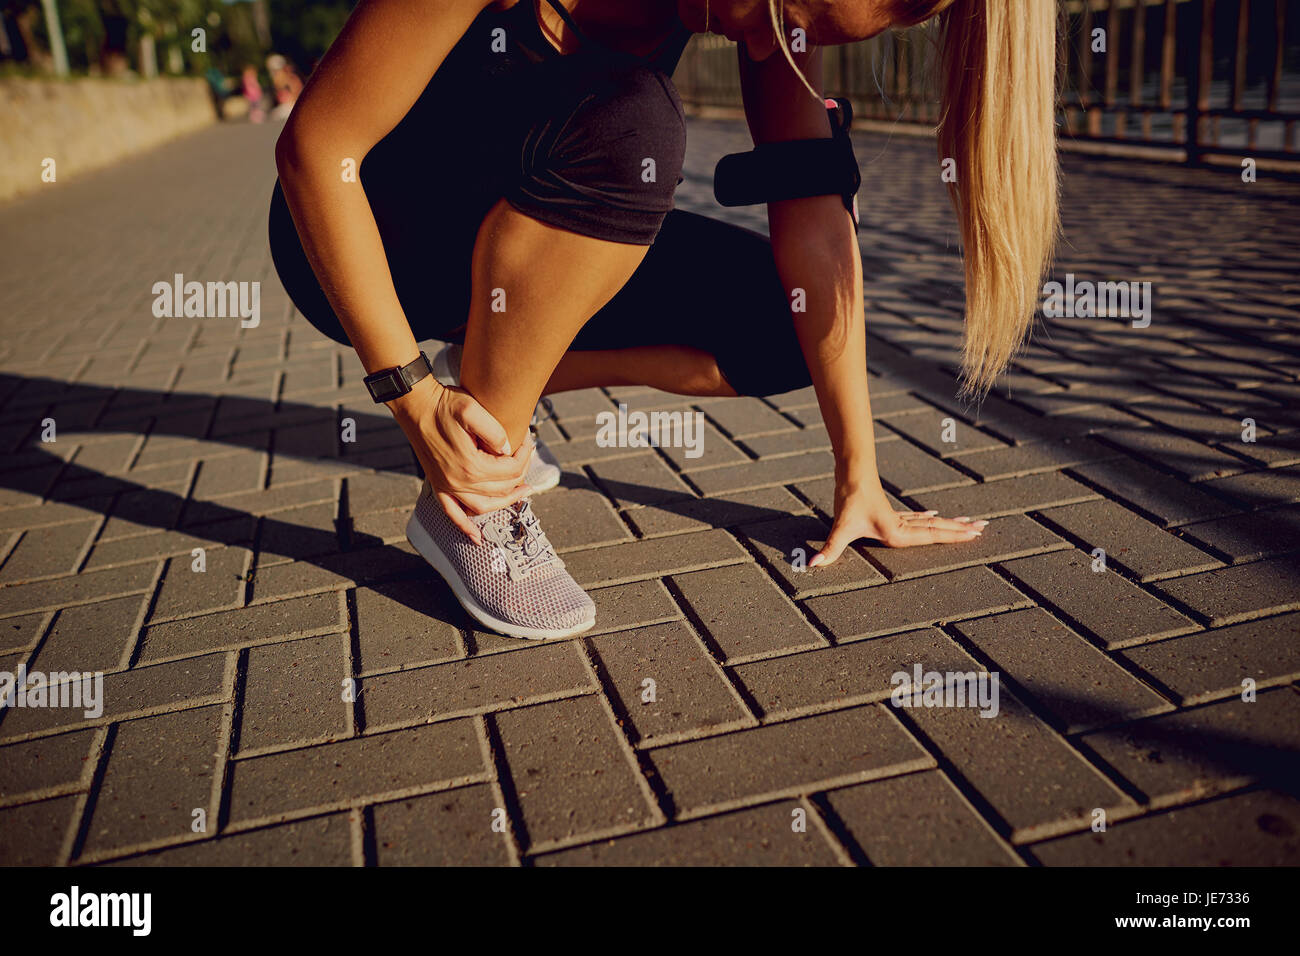 Il trauma per il piede del runner Immagini Stock